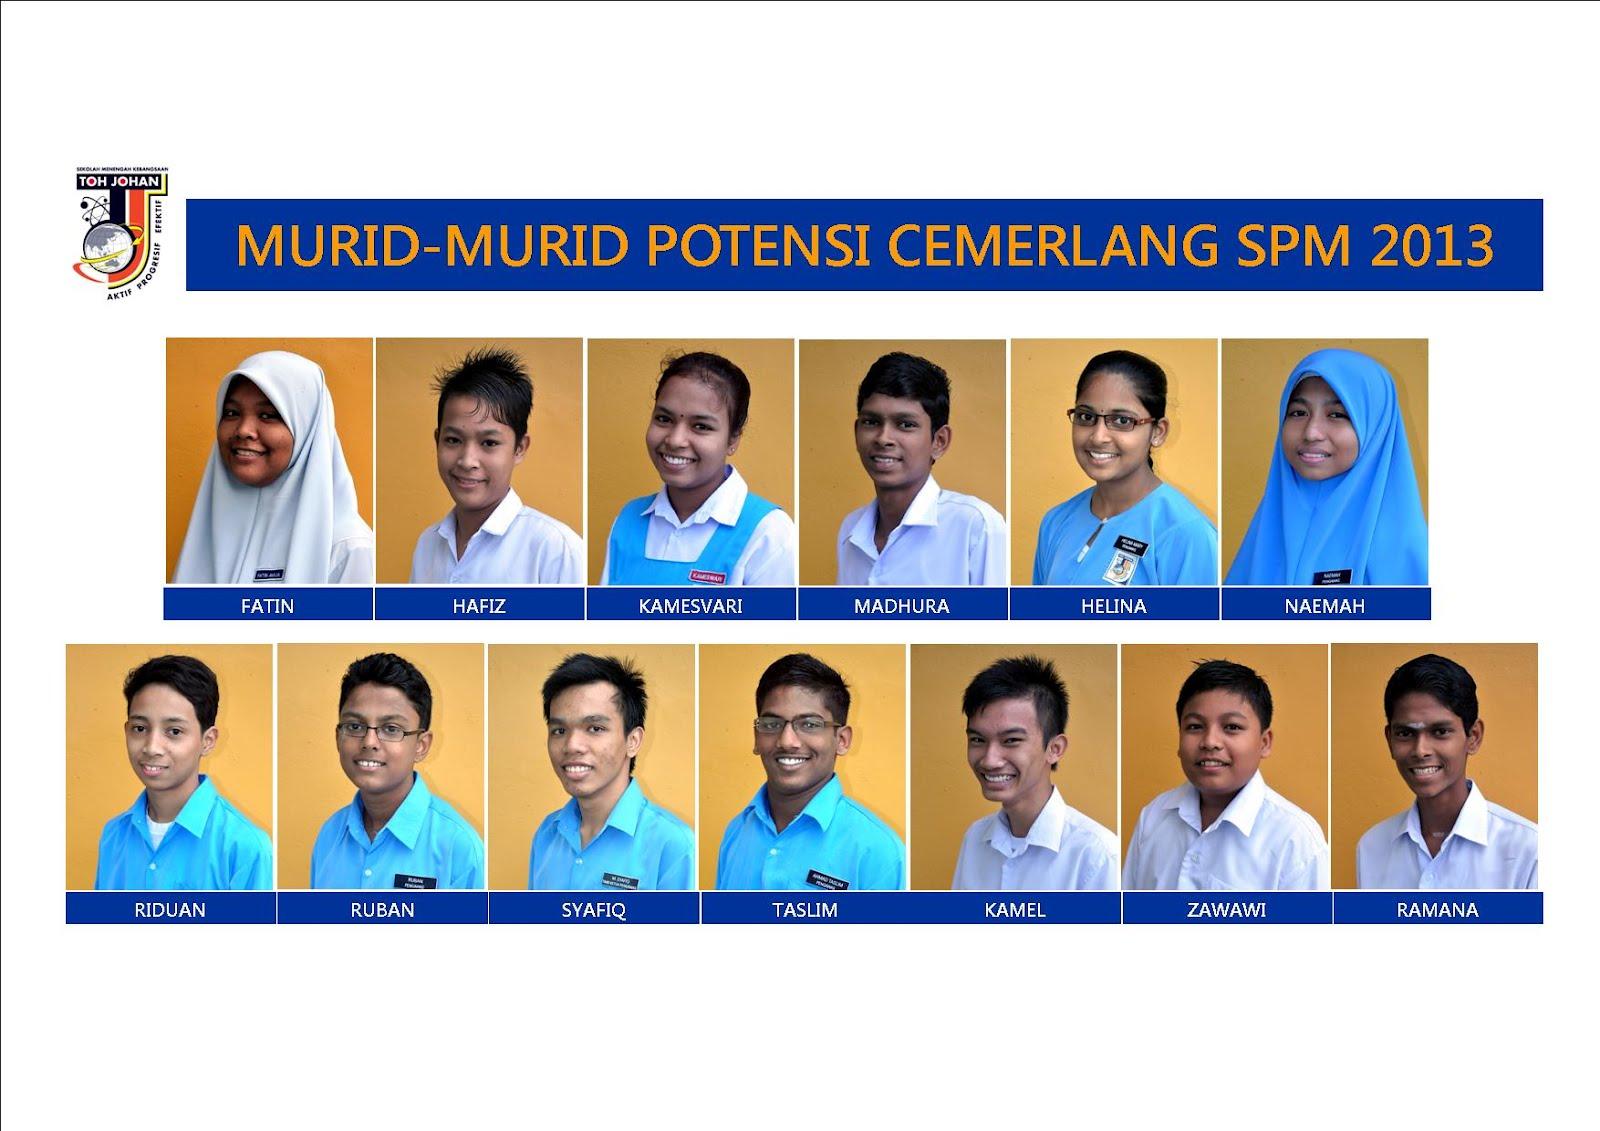 Murid-murid yang berpotensi untuk cemerlang dalam SPM 2013.